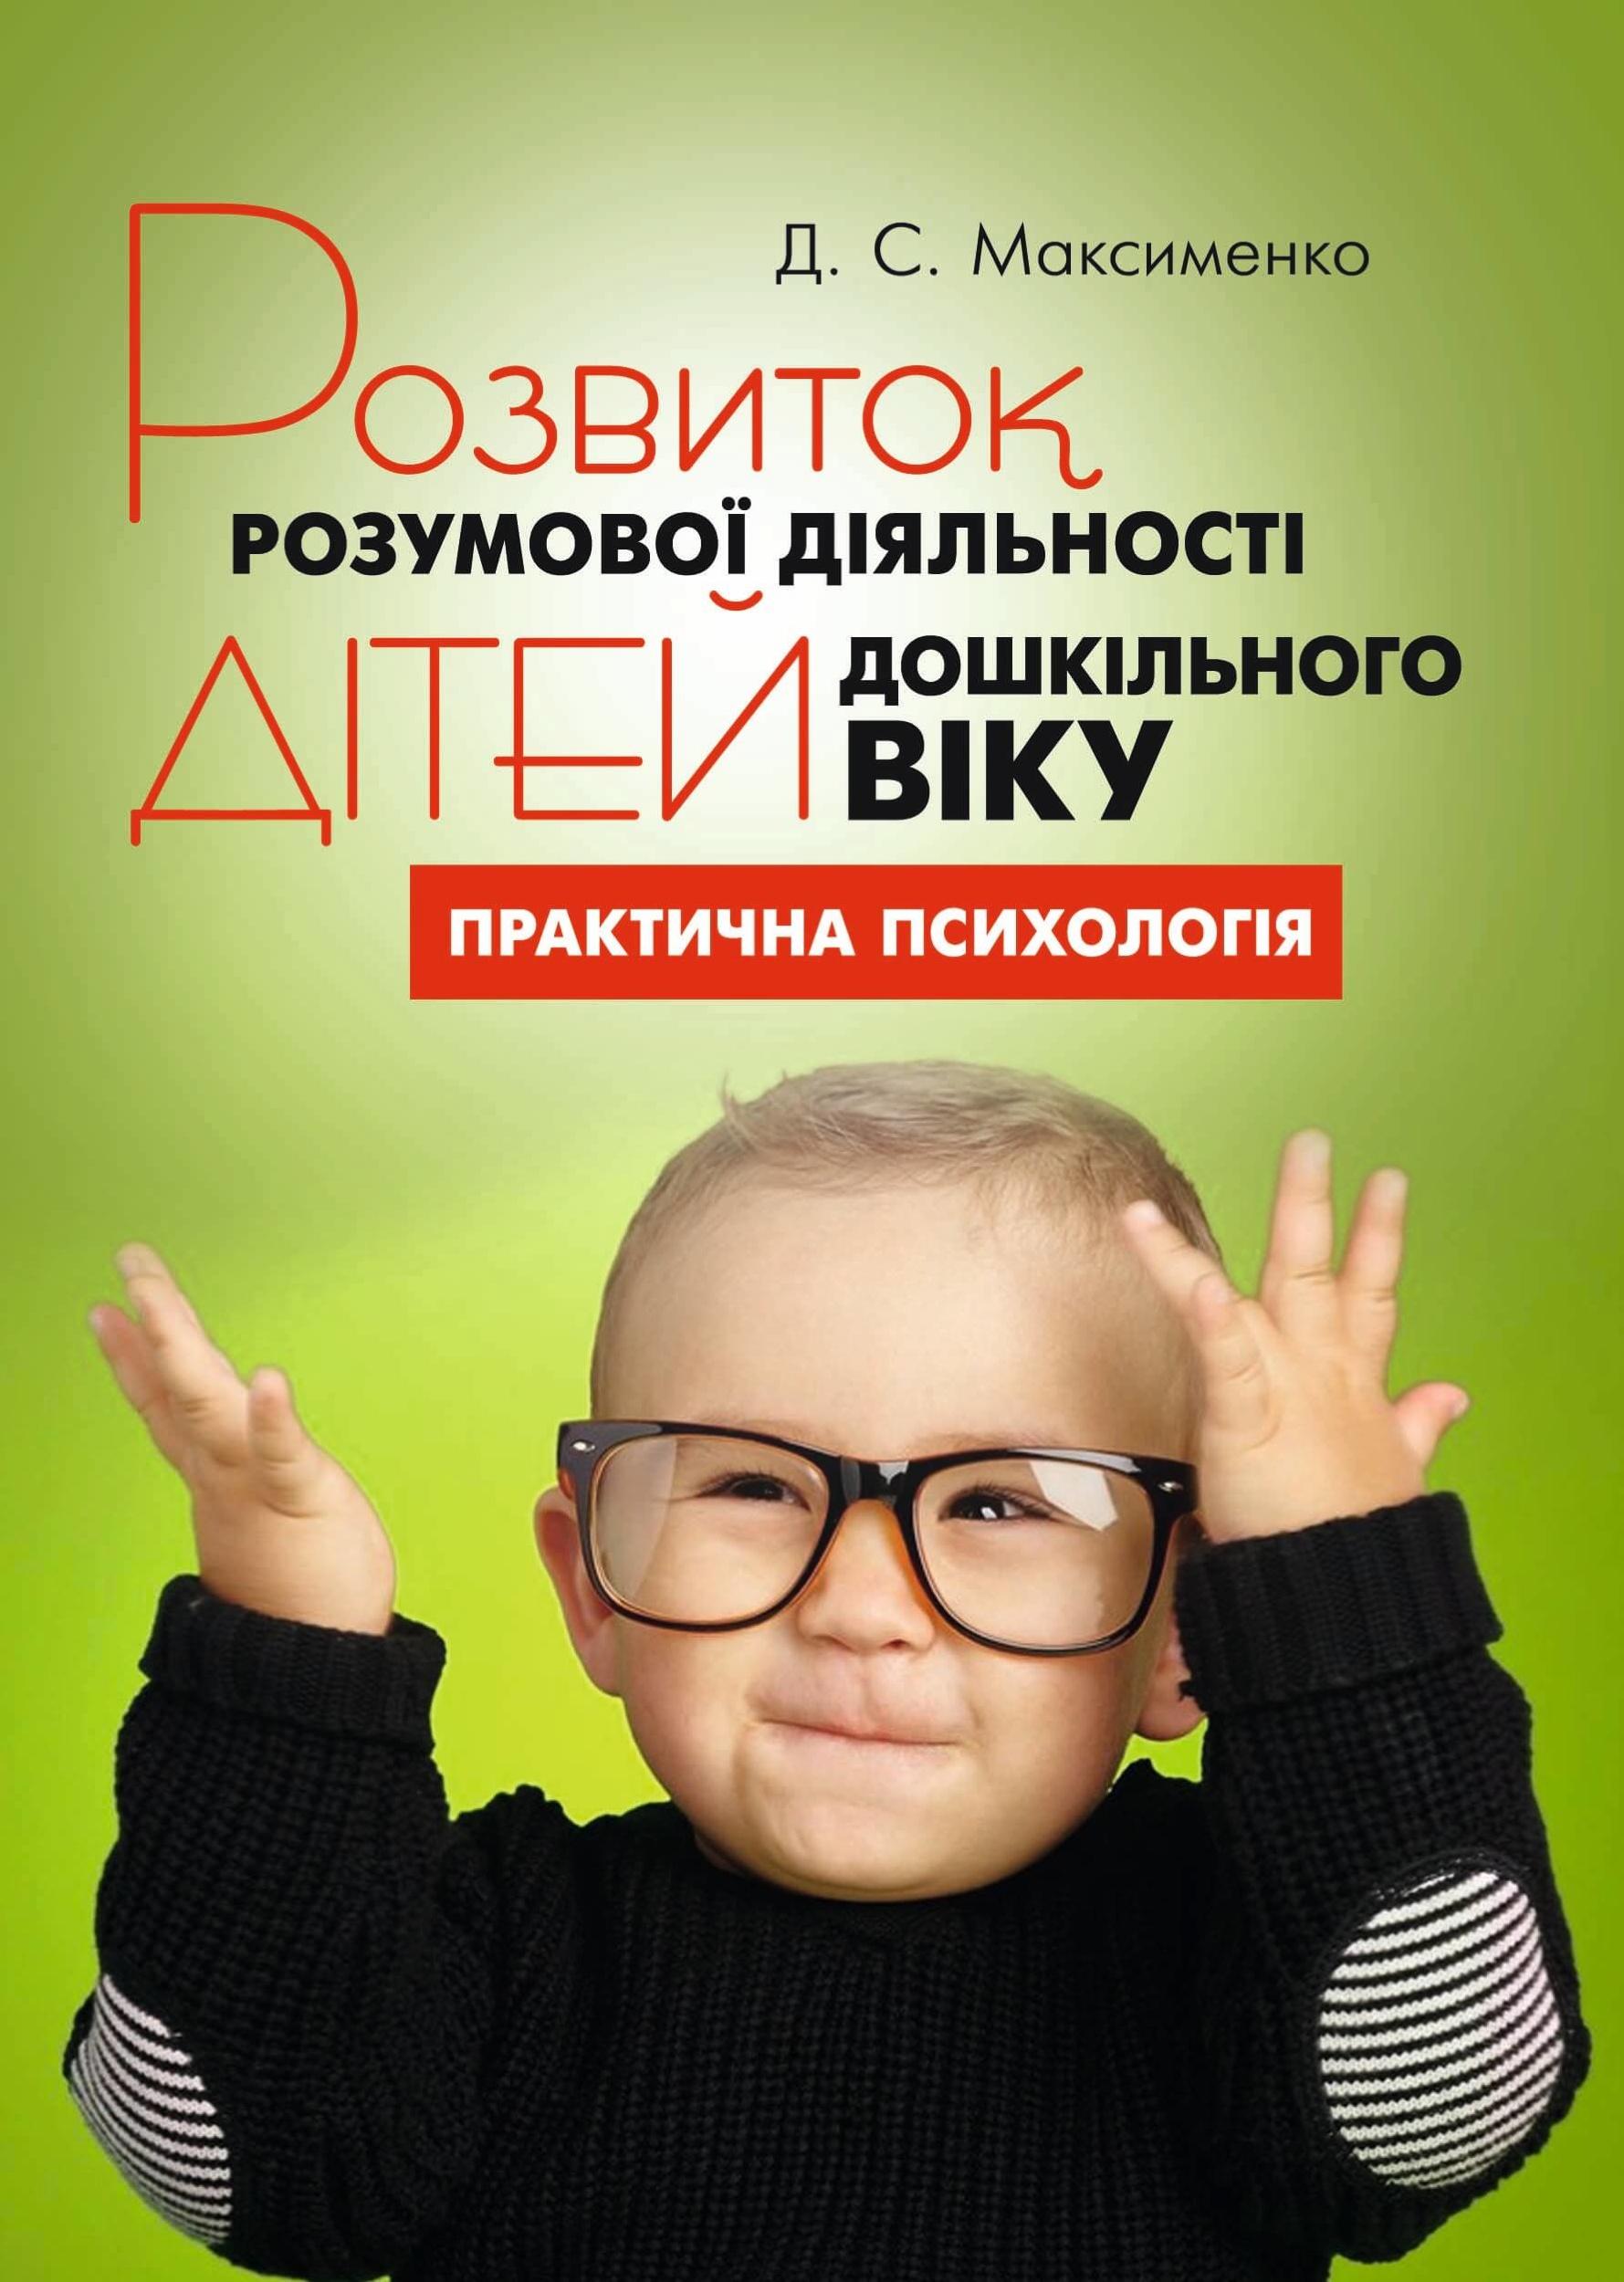 Розвиток розумової діяльності дітей дошкільного віку